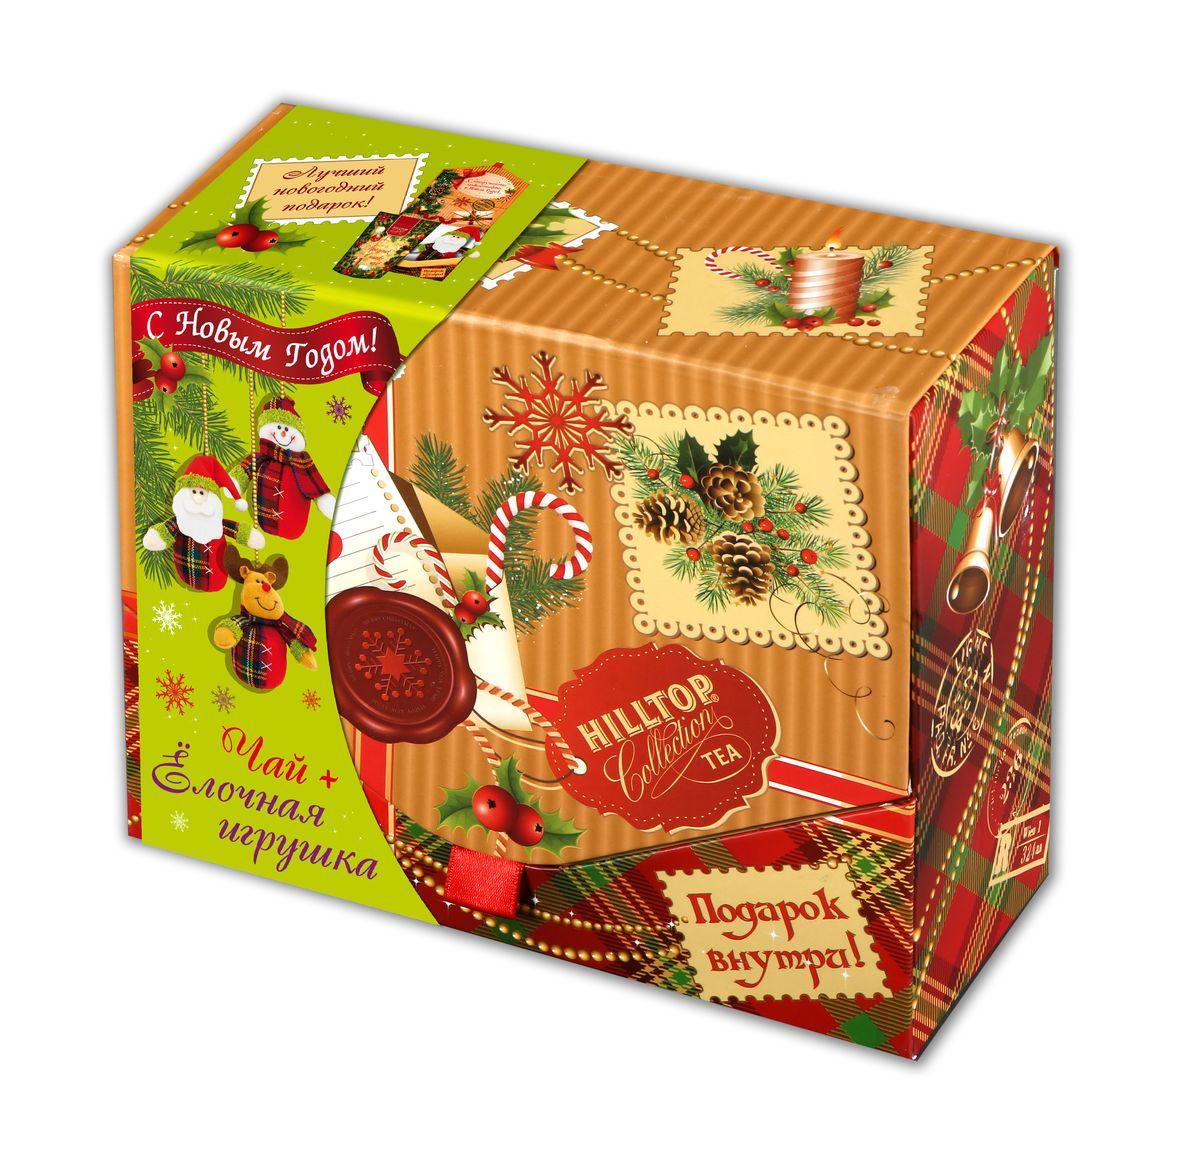 Hilltop Посылка от Деда Мороза чайный набор0120710Hilltop Посылка от Деда Мороза - черный байховый цейлонский чай в картонной подарочной упаковке. Внутри вы также найдете декоративную елочную игрушку. Набор может быть прекрасным подарком на новогодние праздники.